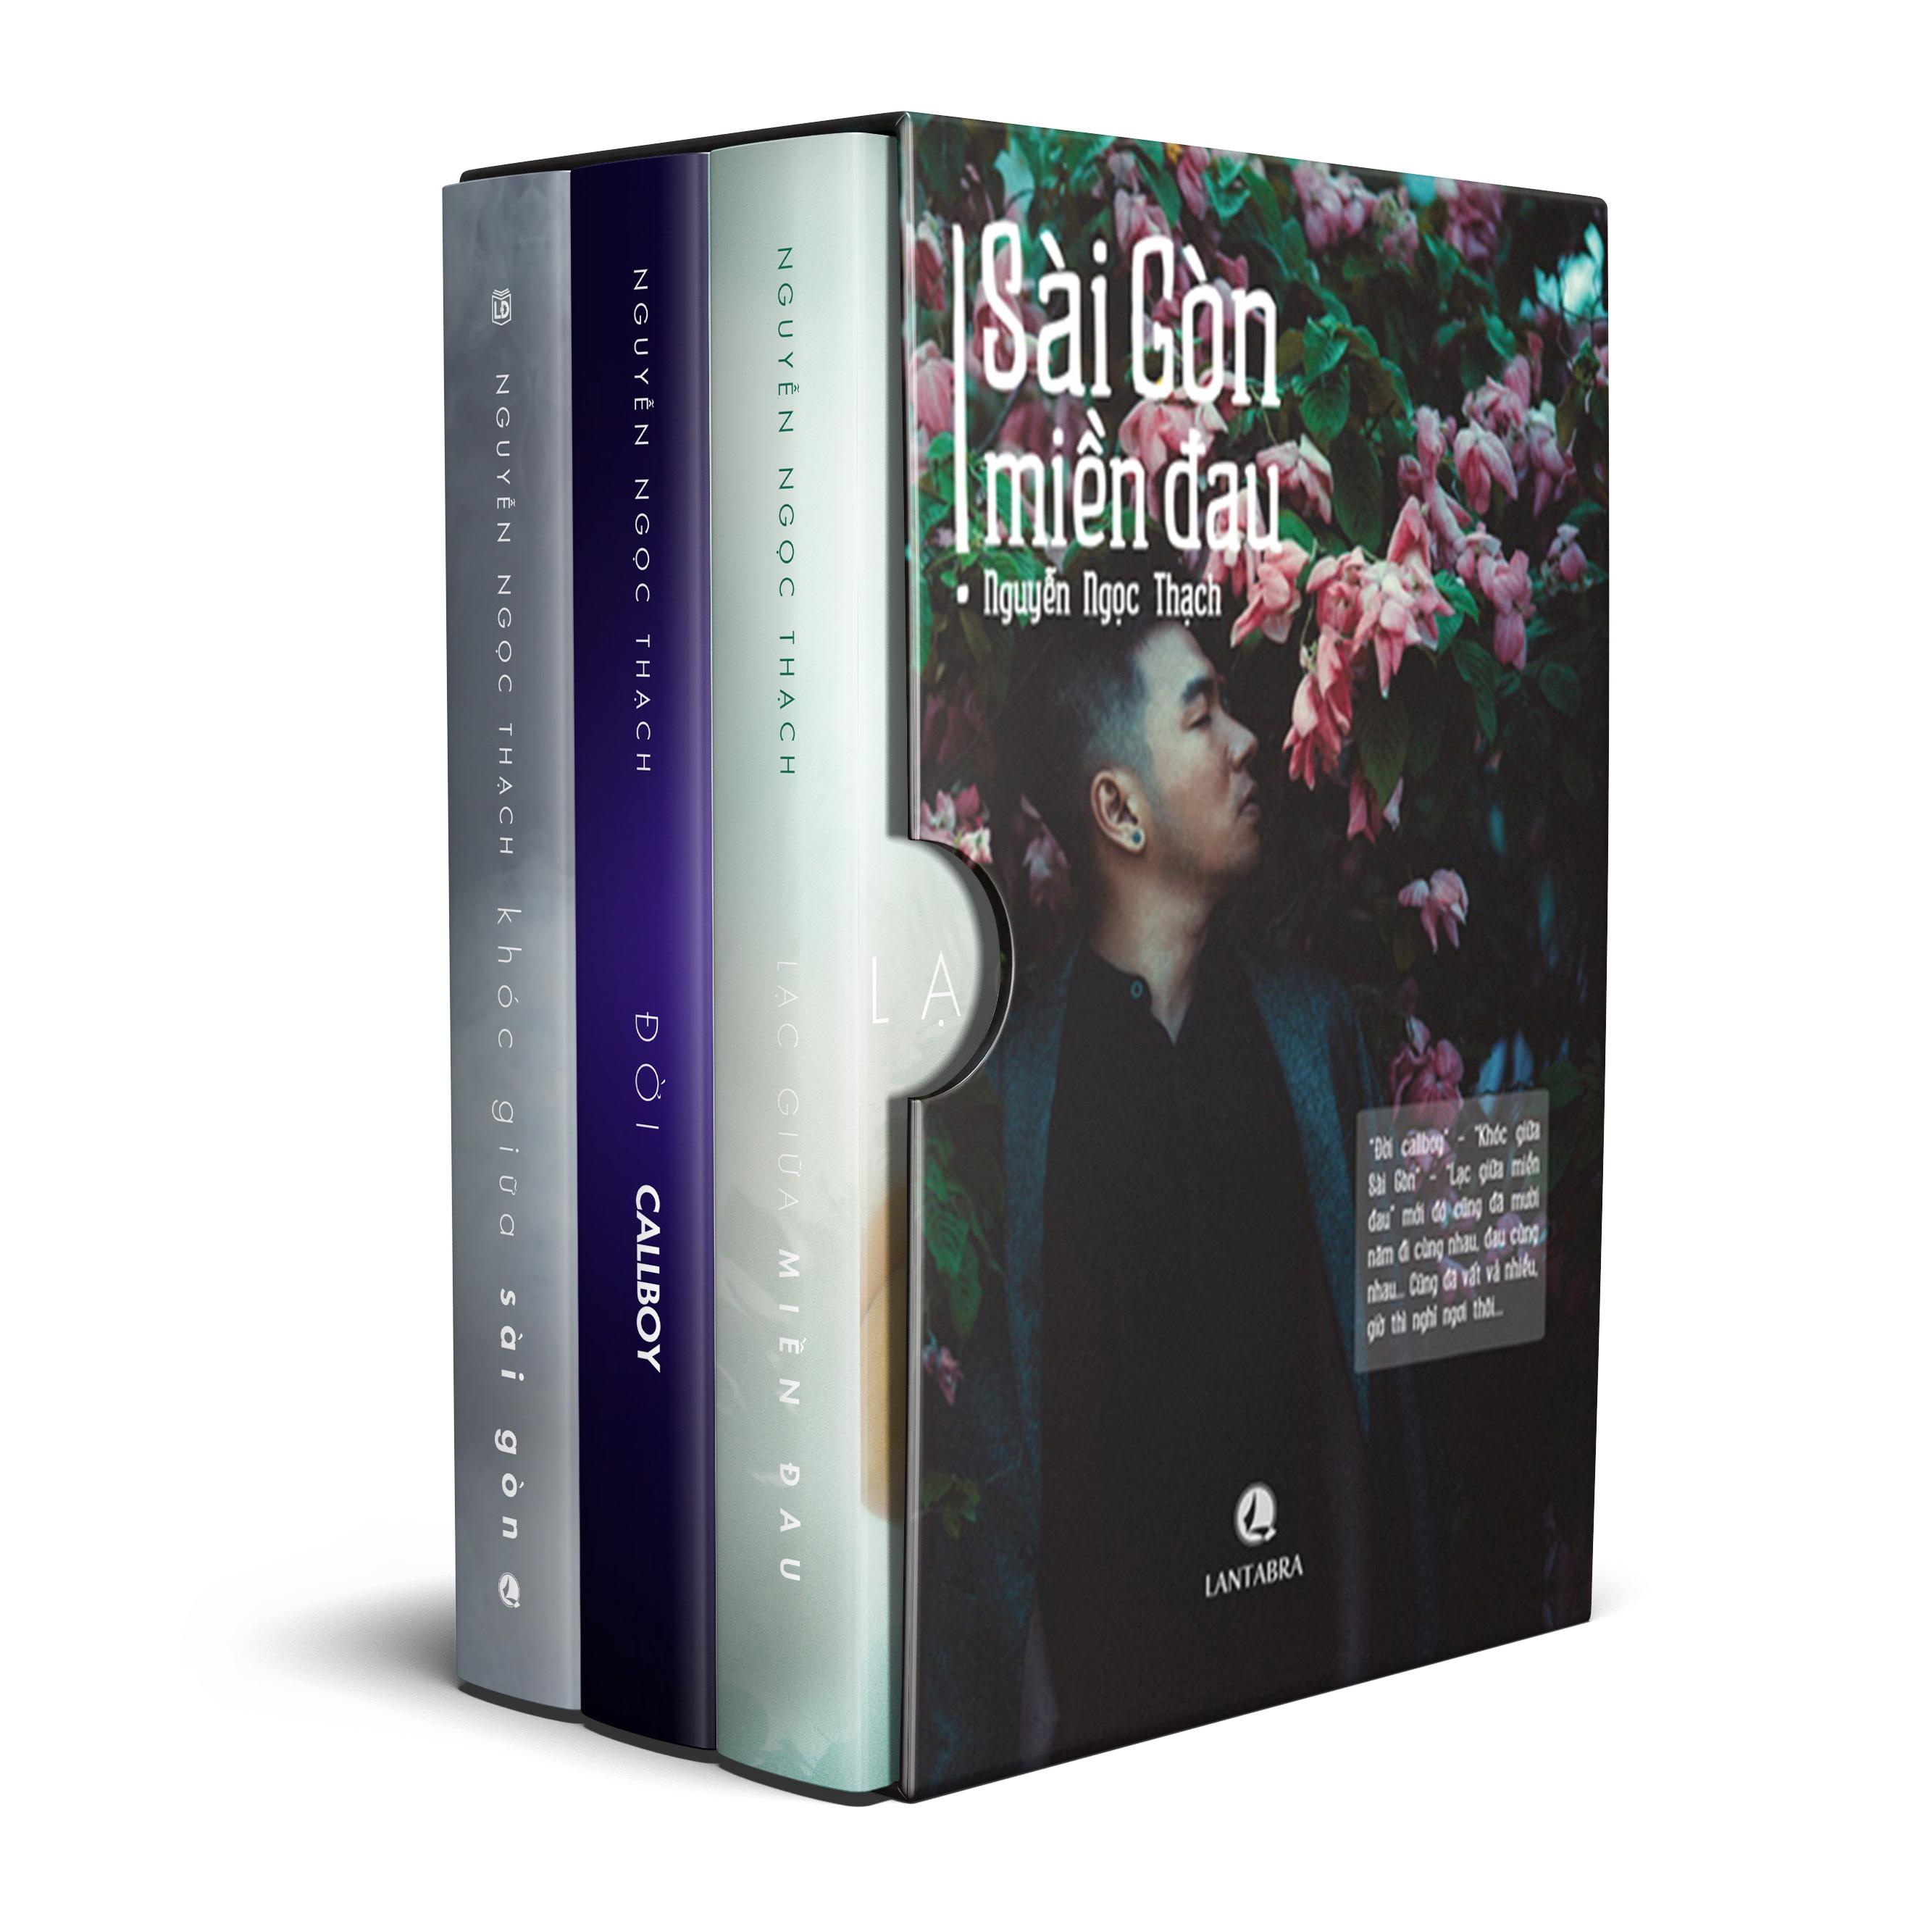 Bìa sách Boxset Sài Gòn Miền Đau